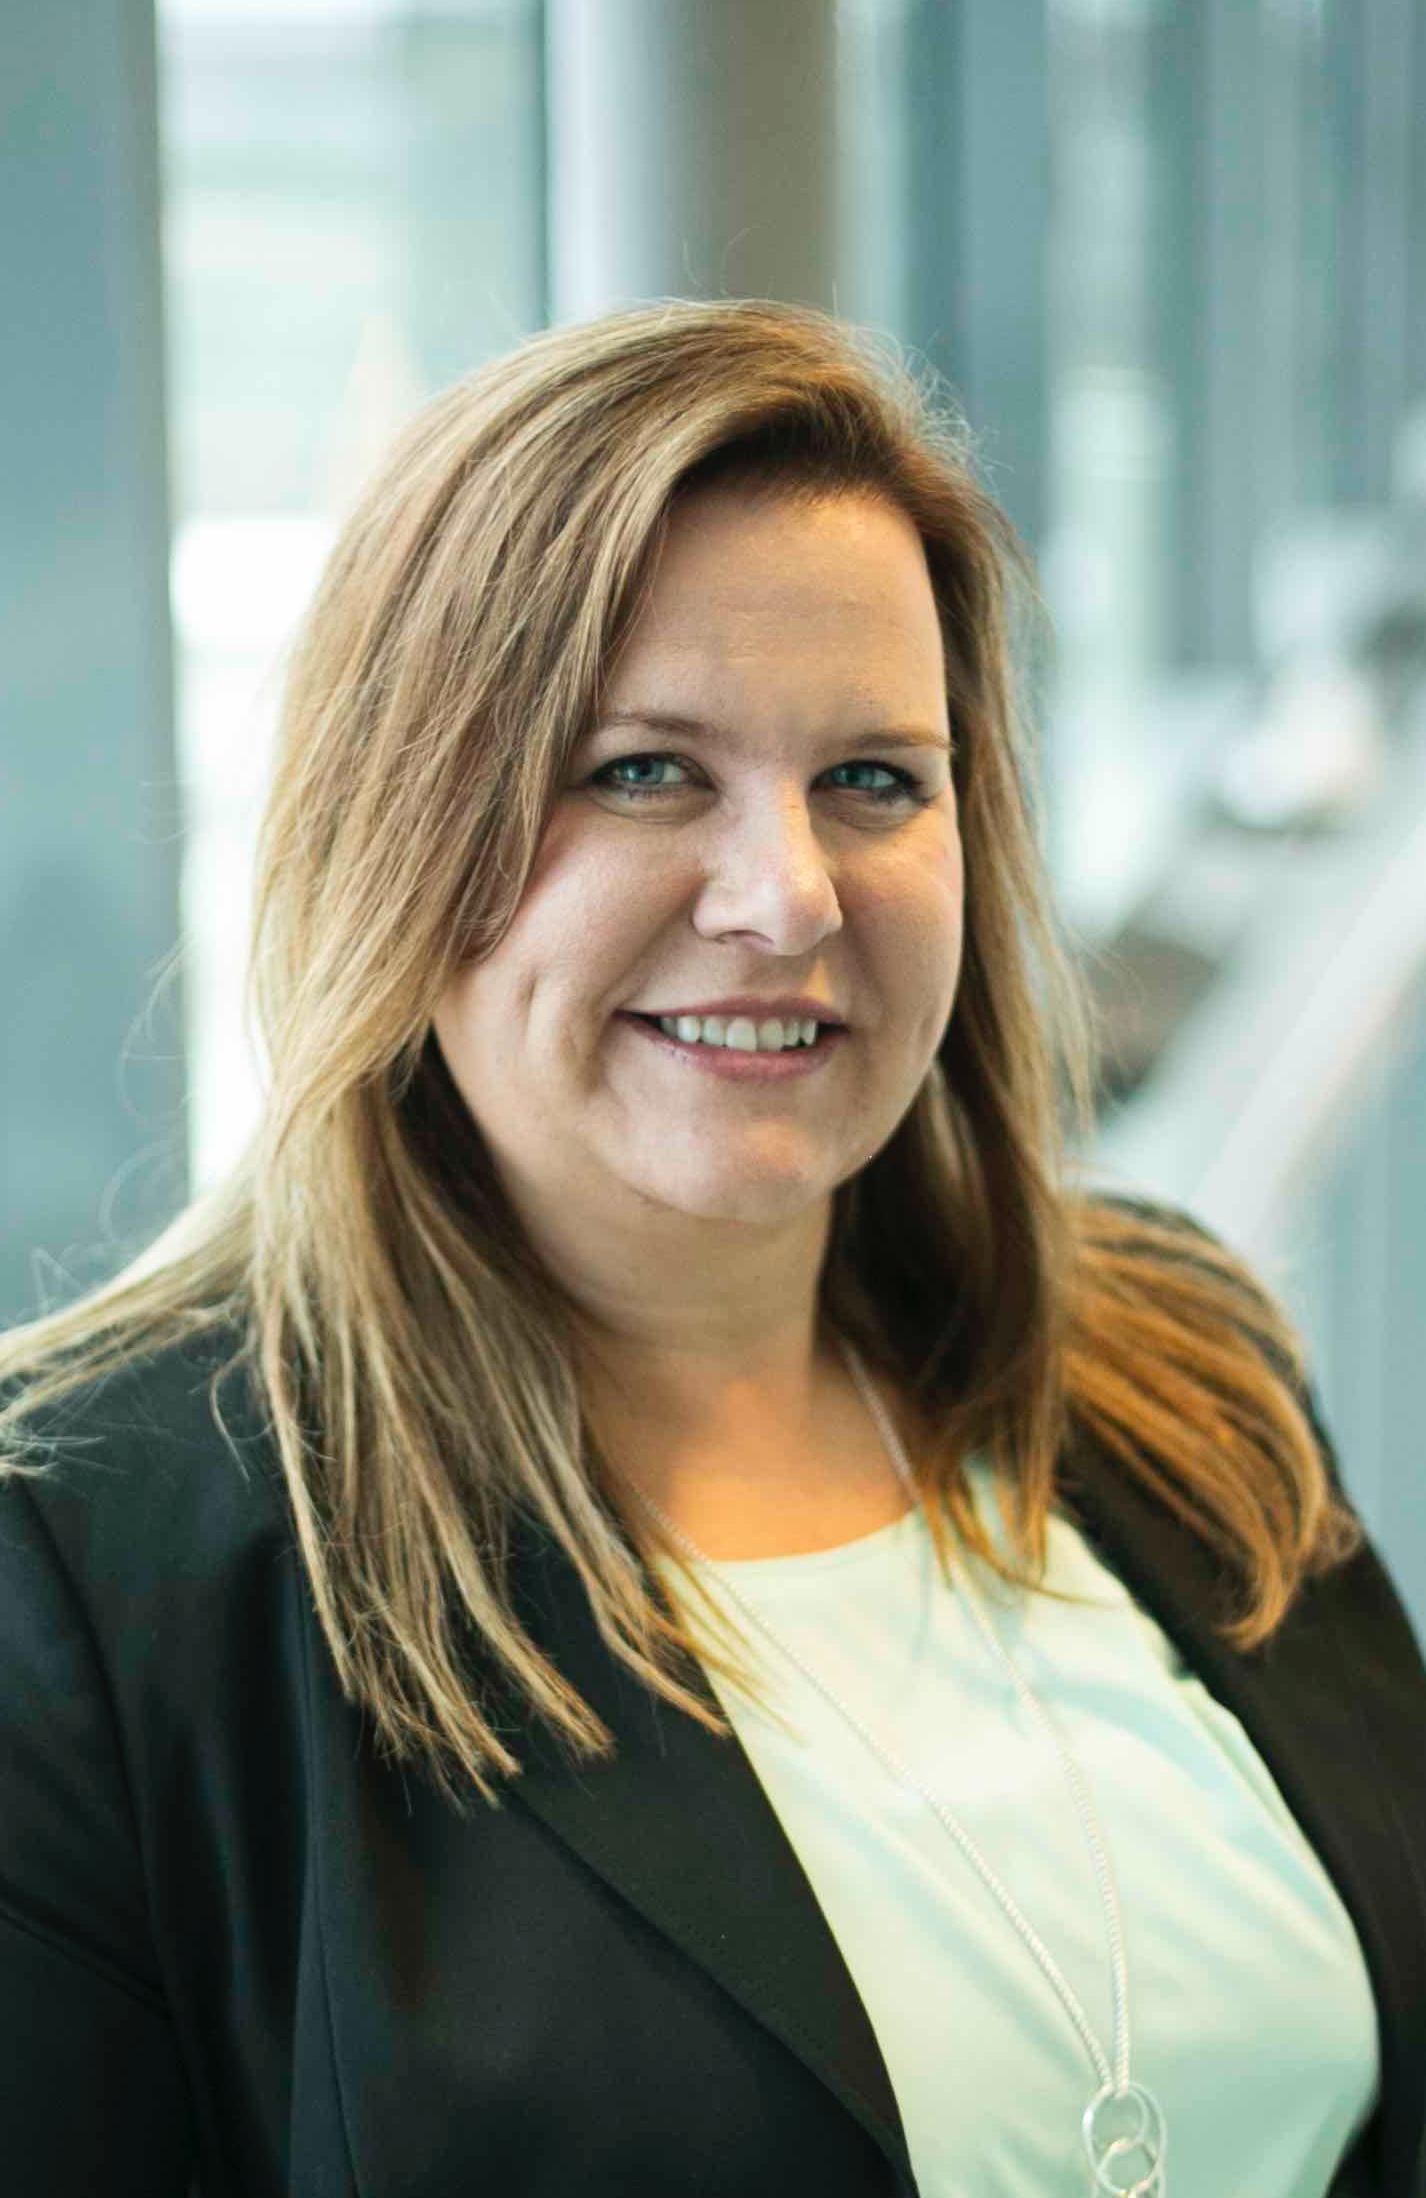 Jeanette Berggård